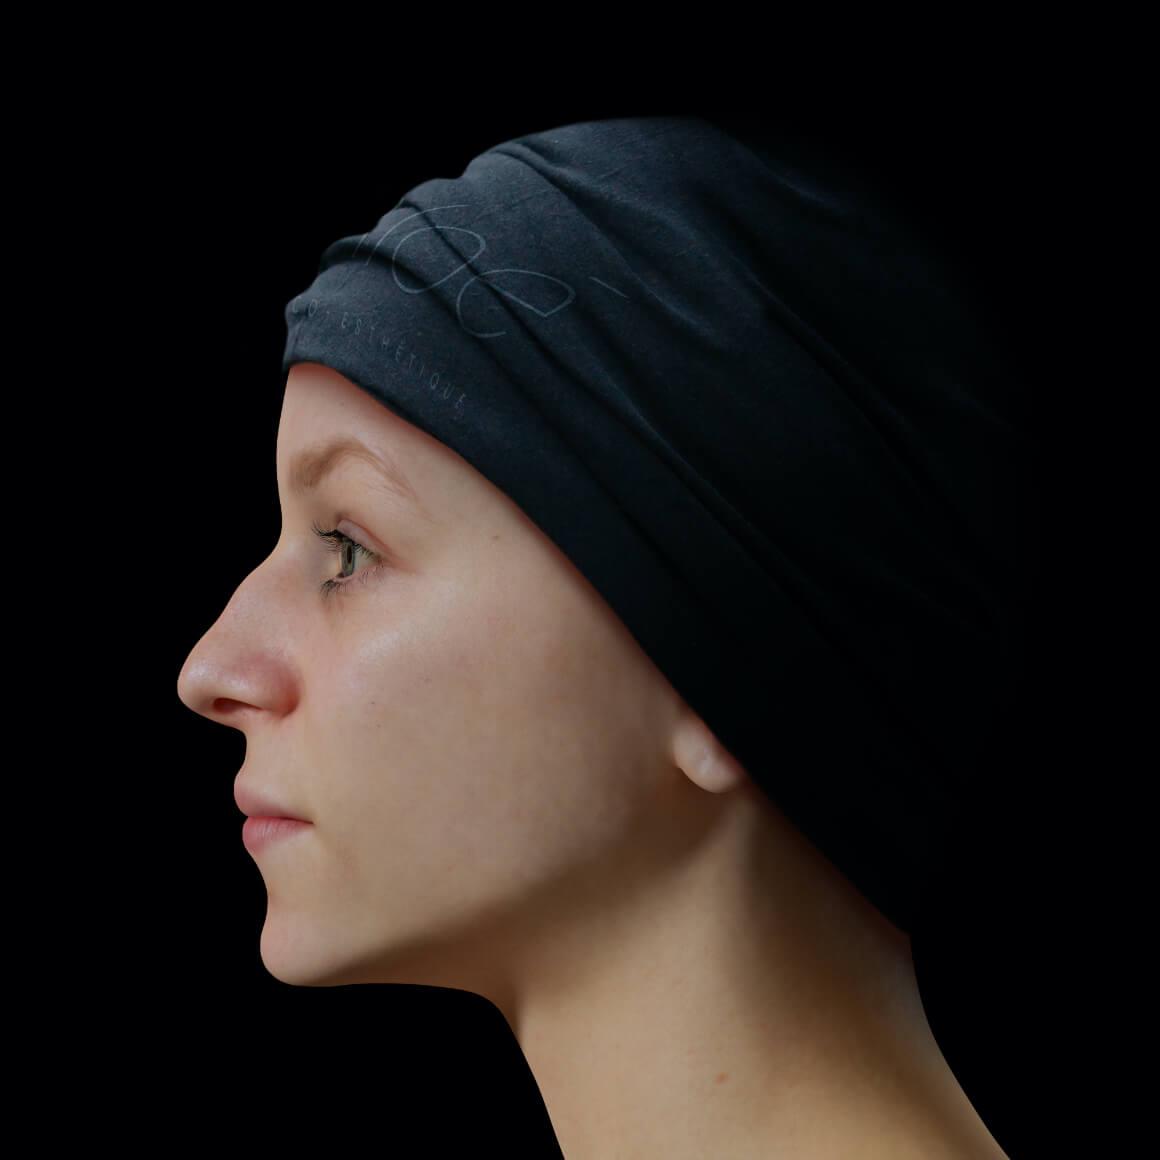 Une patiente de la Clinique Chloé vue de côté après des injections d'agents de comblement pour la définition de la mâchoire